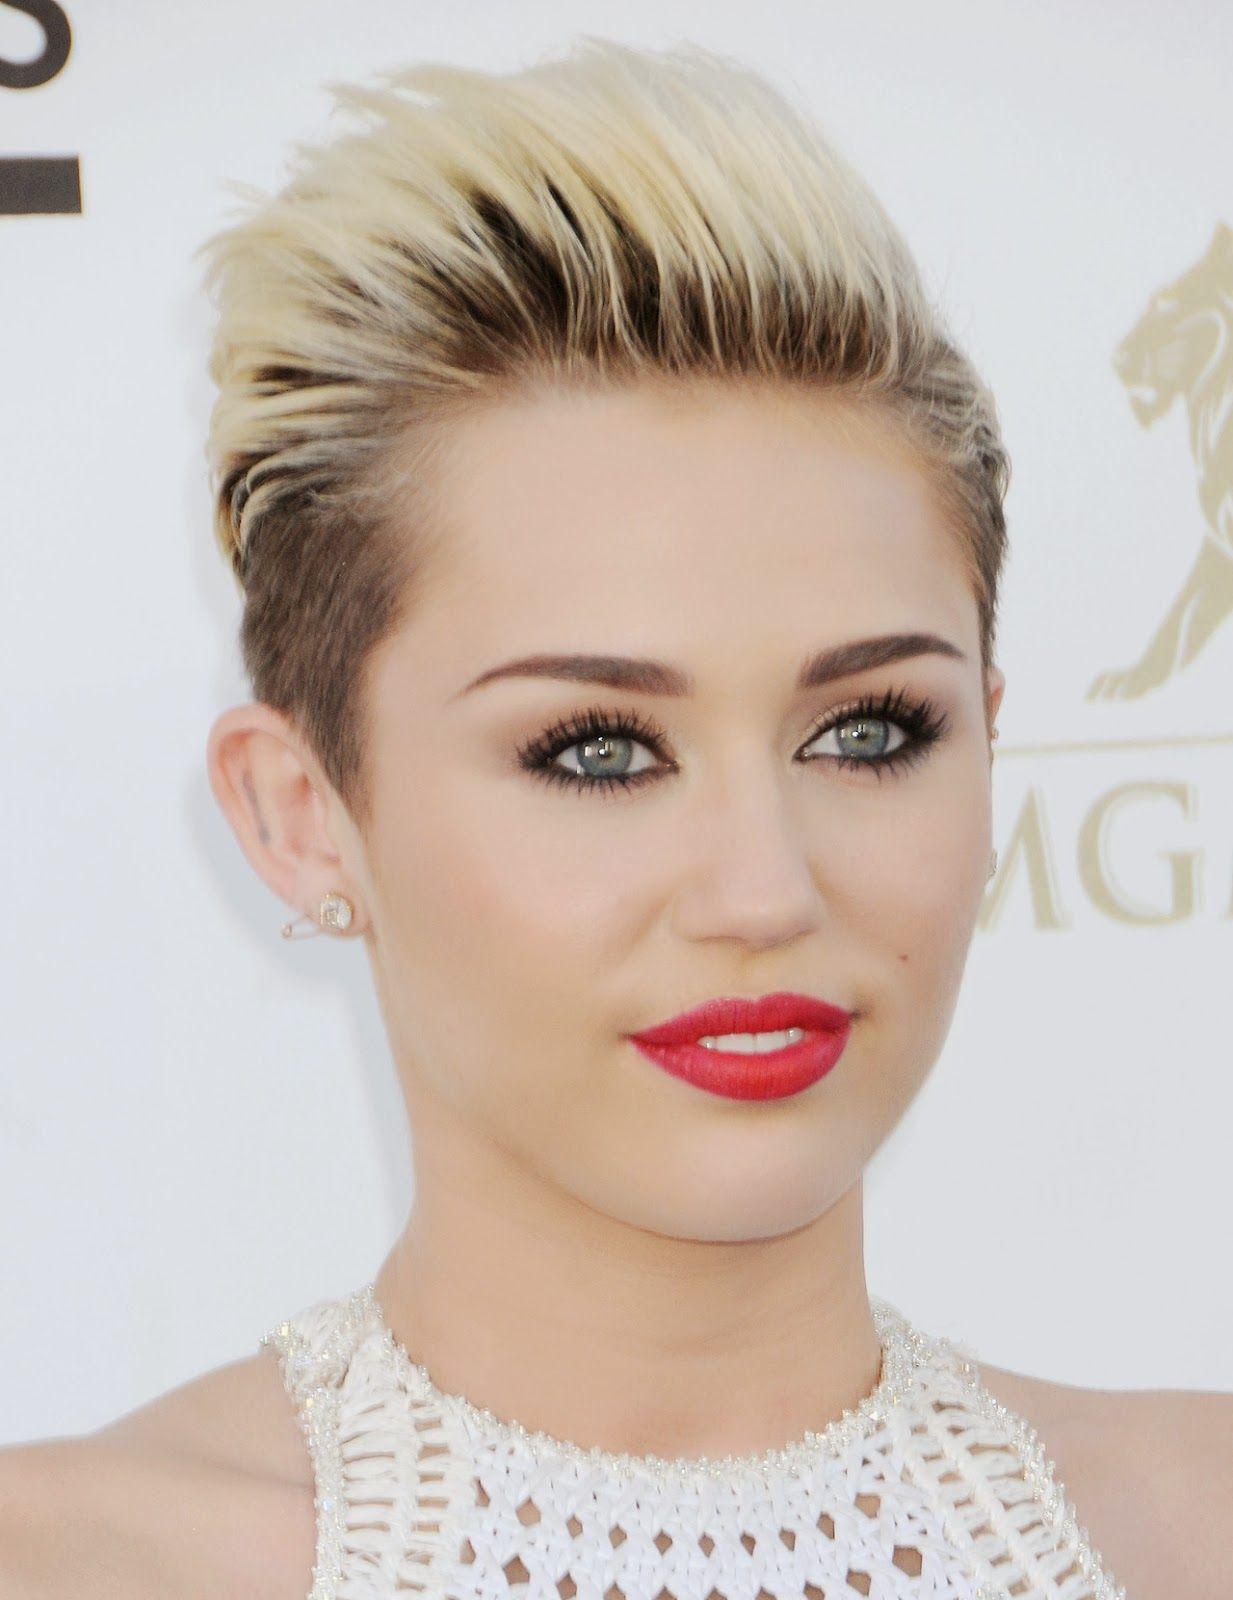 Miley cyrus cabello corto Buscar con Google cabello corto